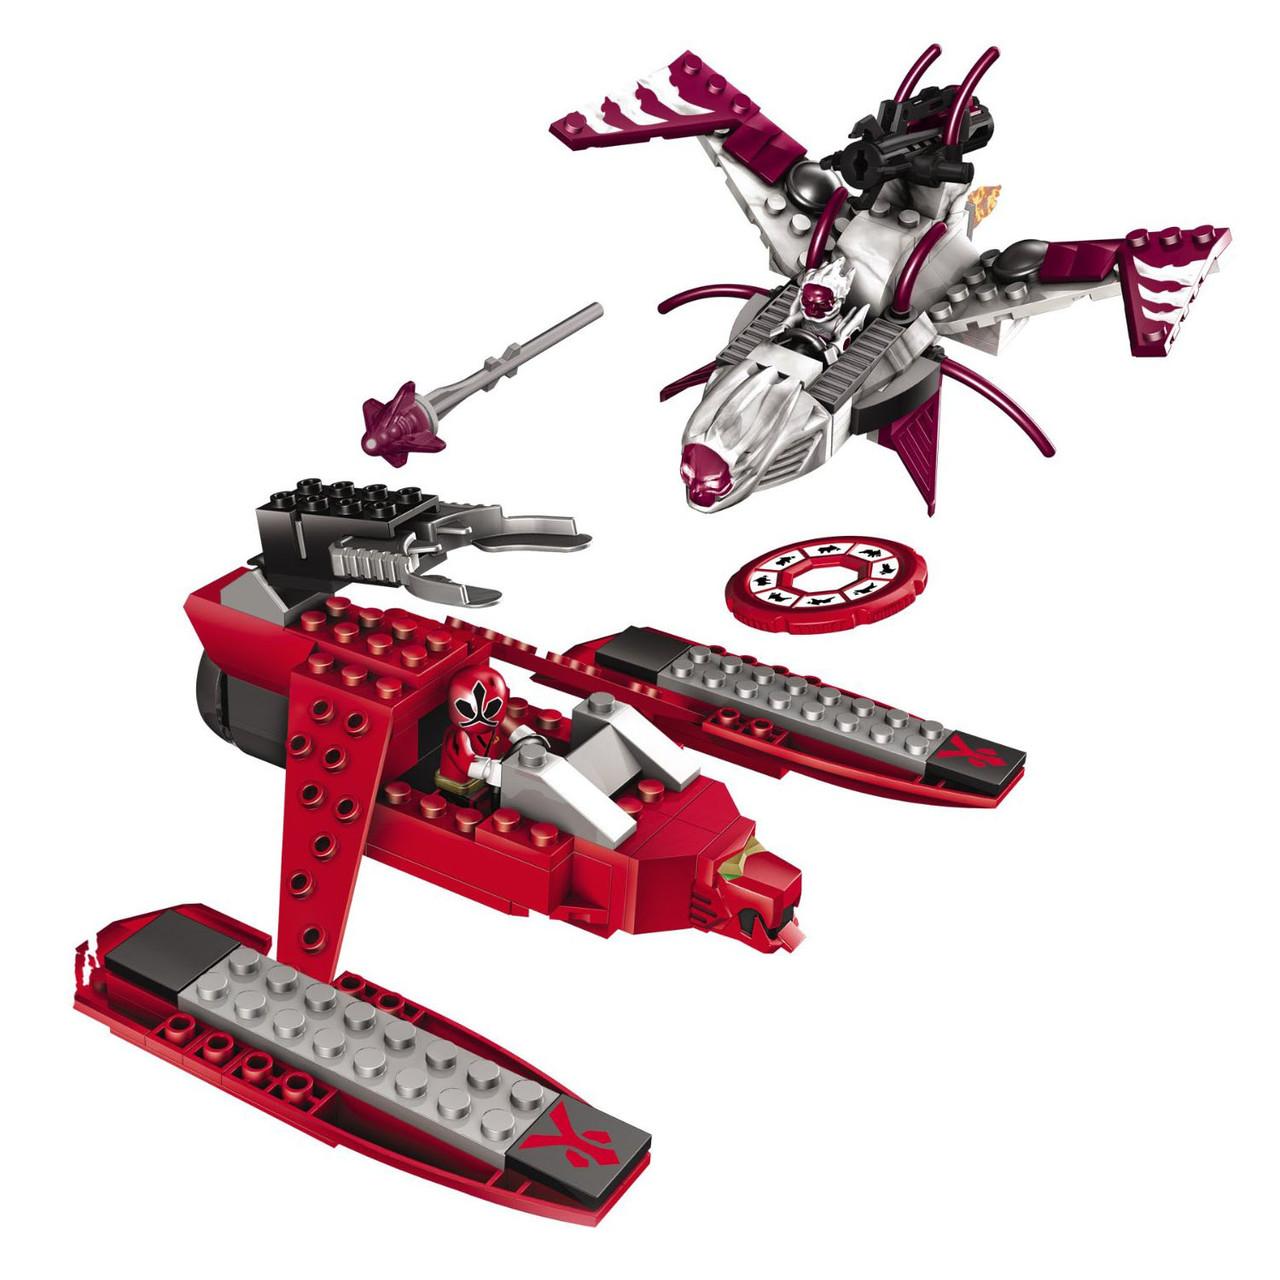 MegaBloks 5789 Power Rangers Super Samurai 'Красный рейнджер против Декера'